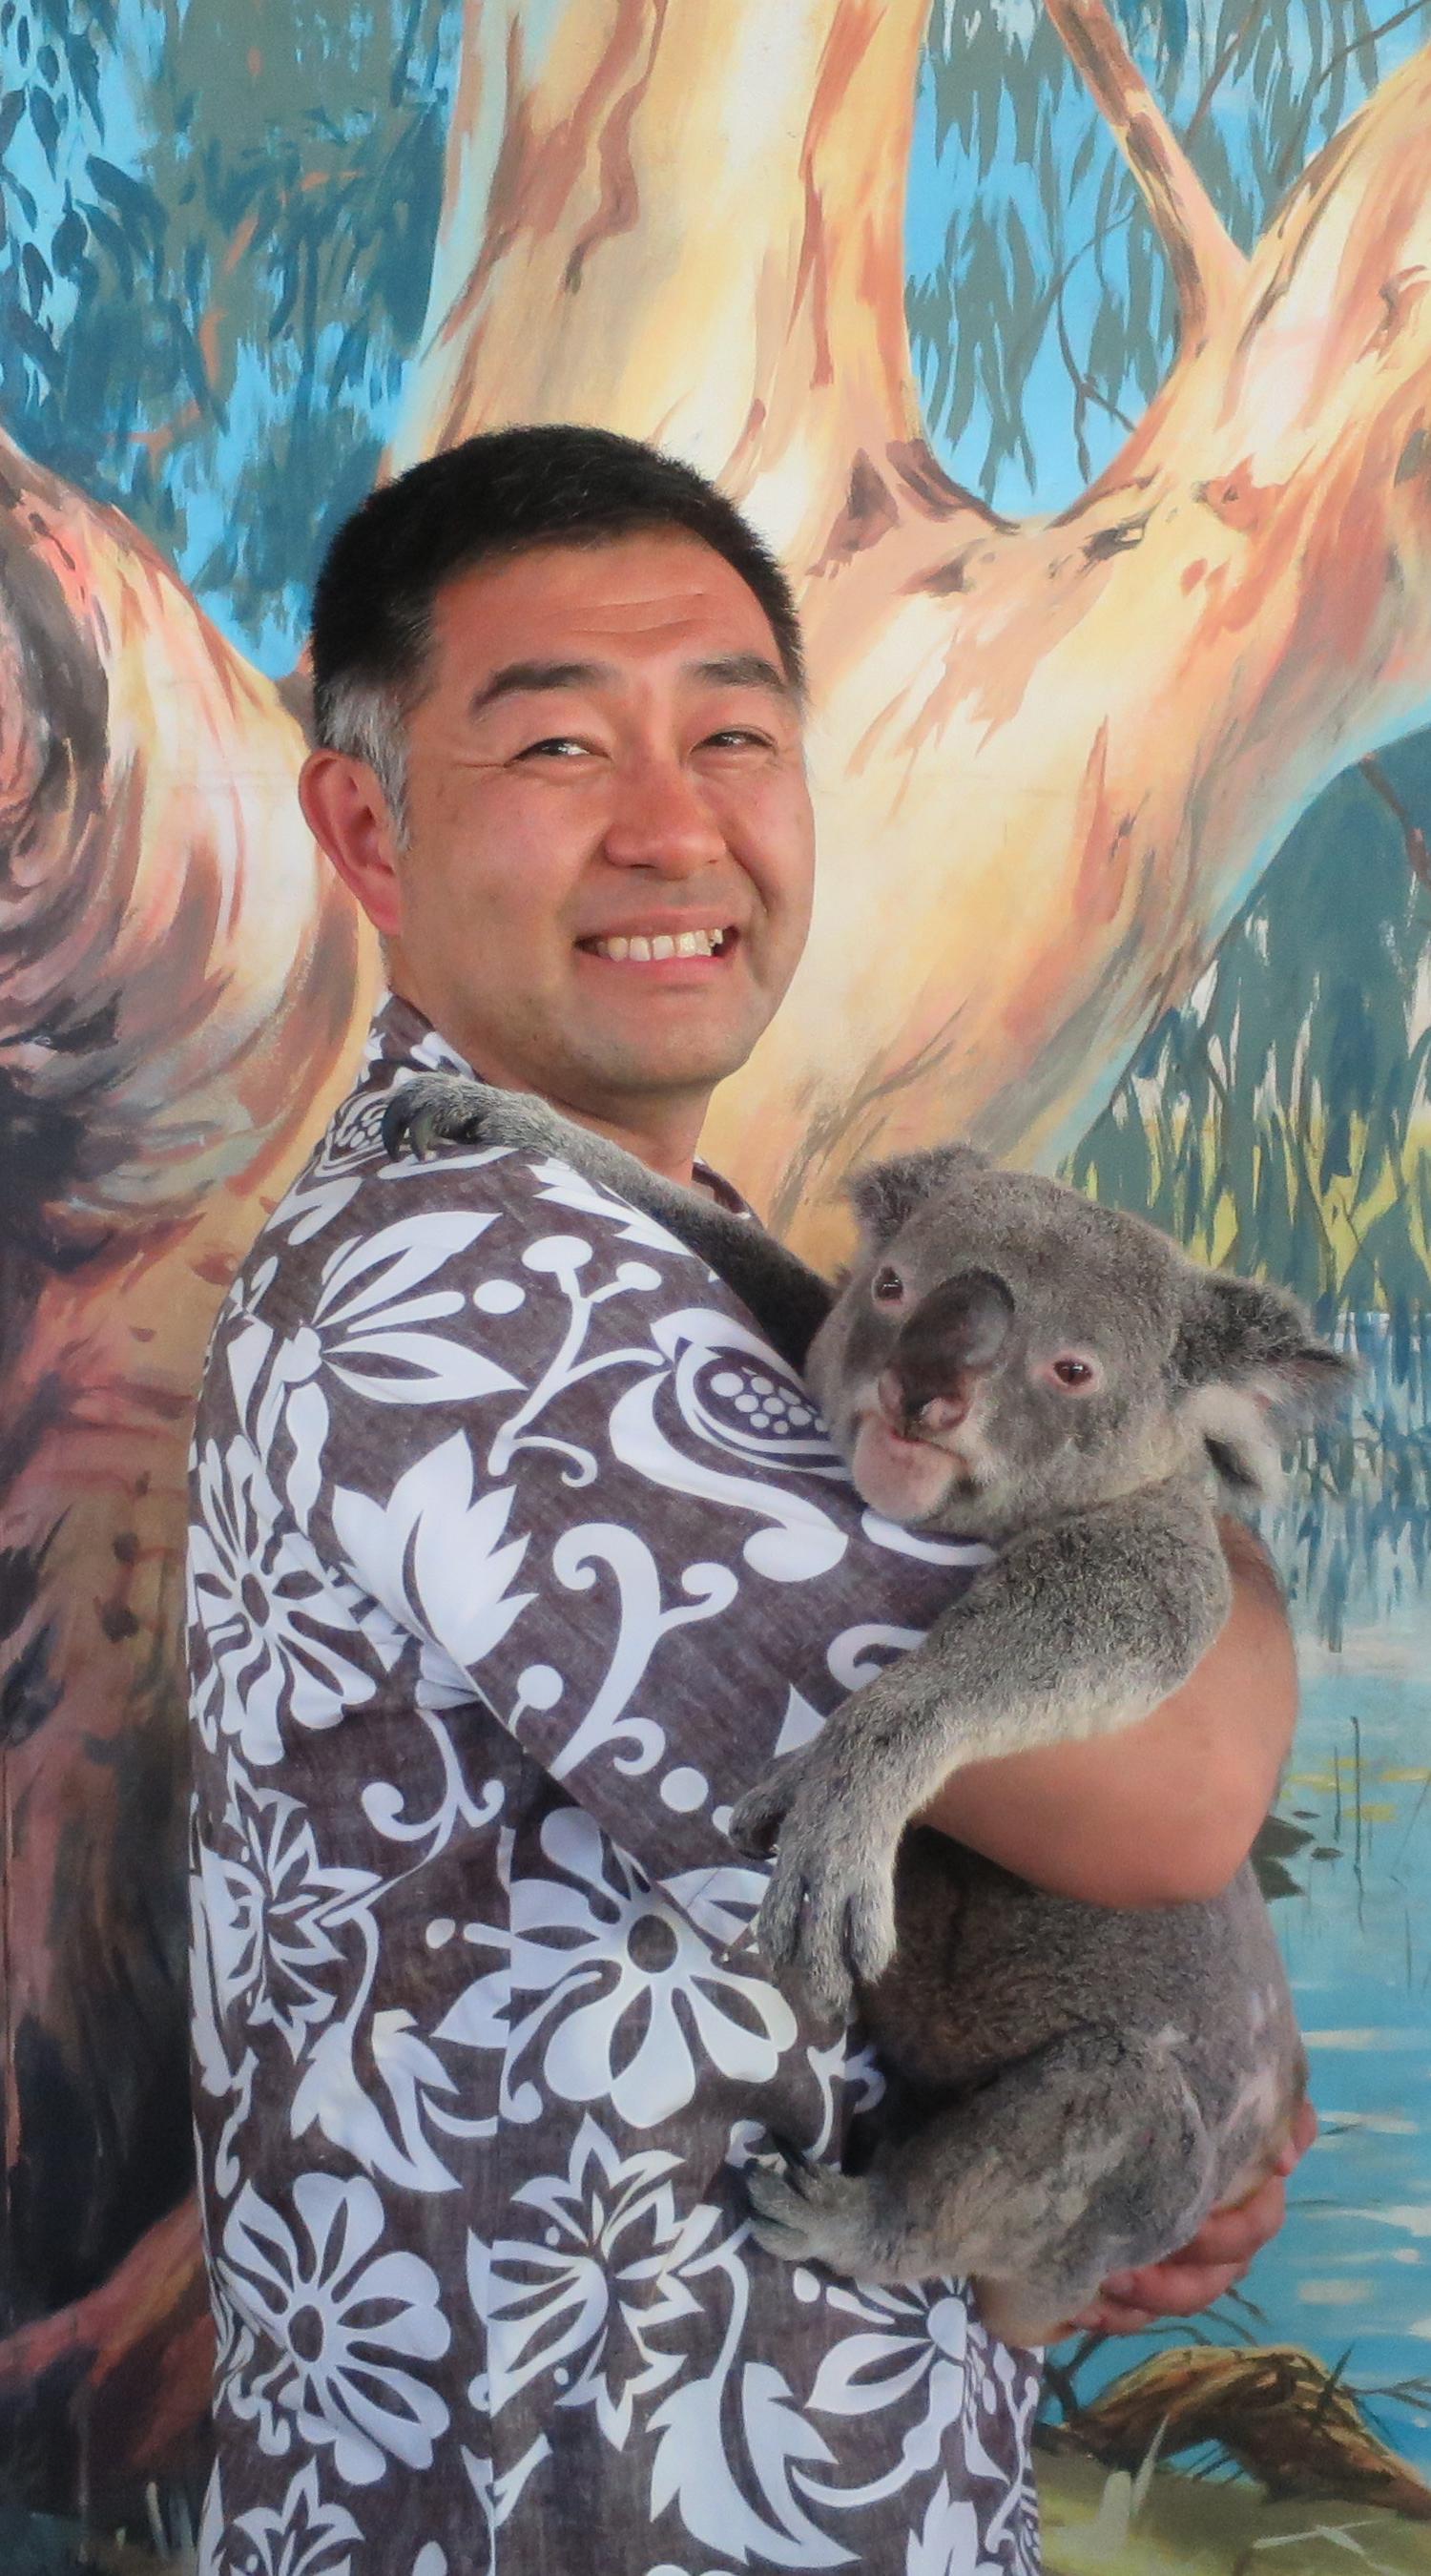 オーストラリアでコアラを抱く村内伸弘の写真